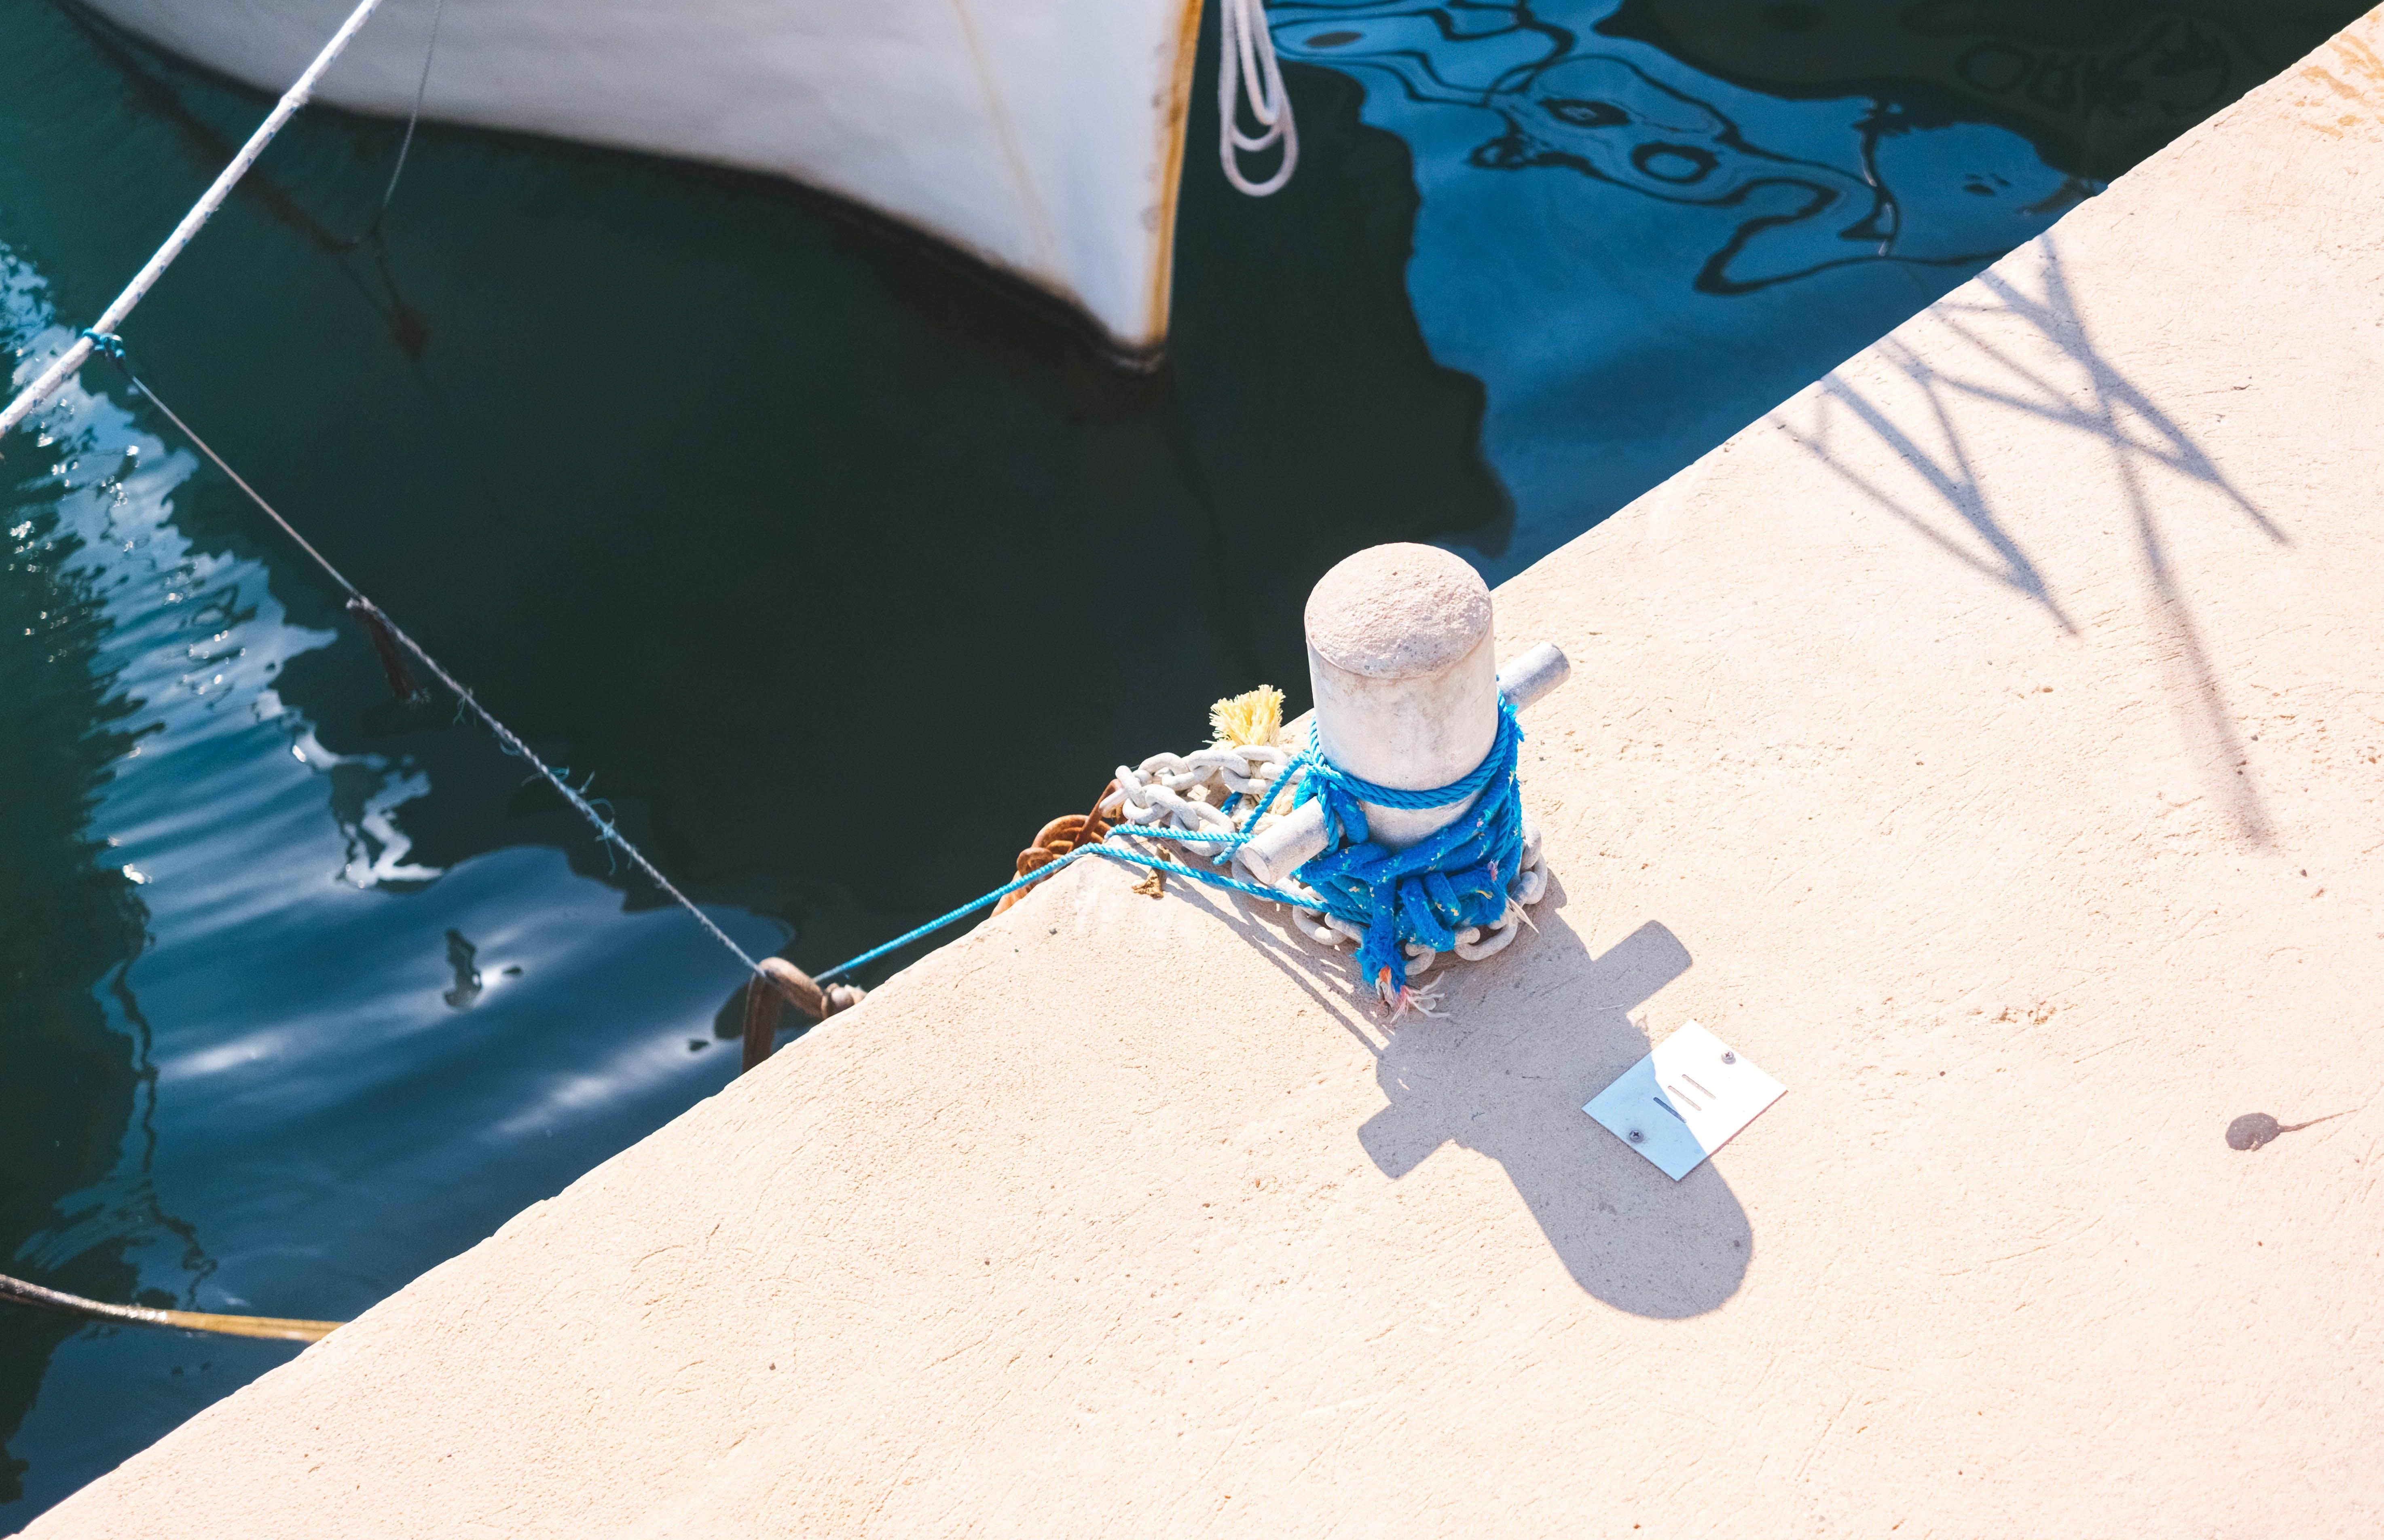 Foto d'estoc gratuïta de aigua, corda, dia, embarcació d'aigua